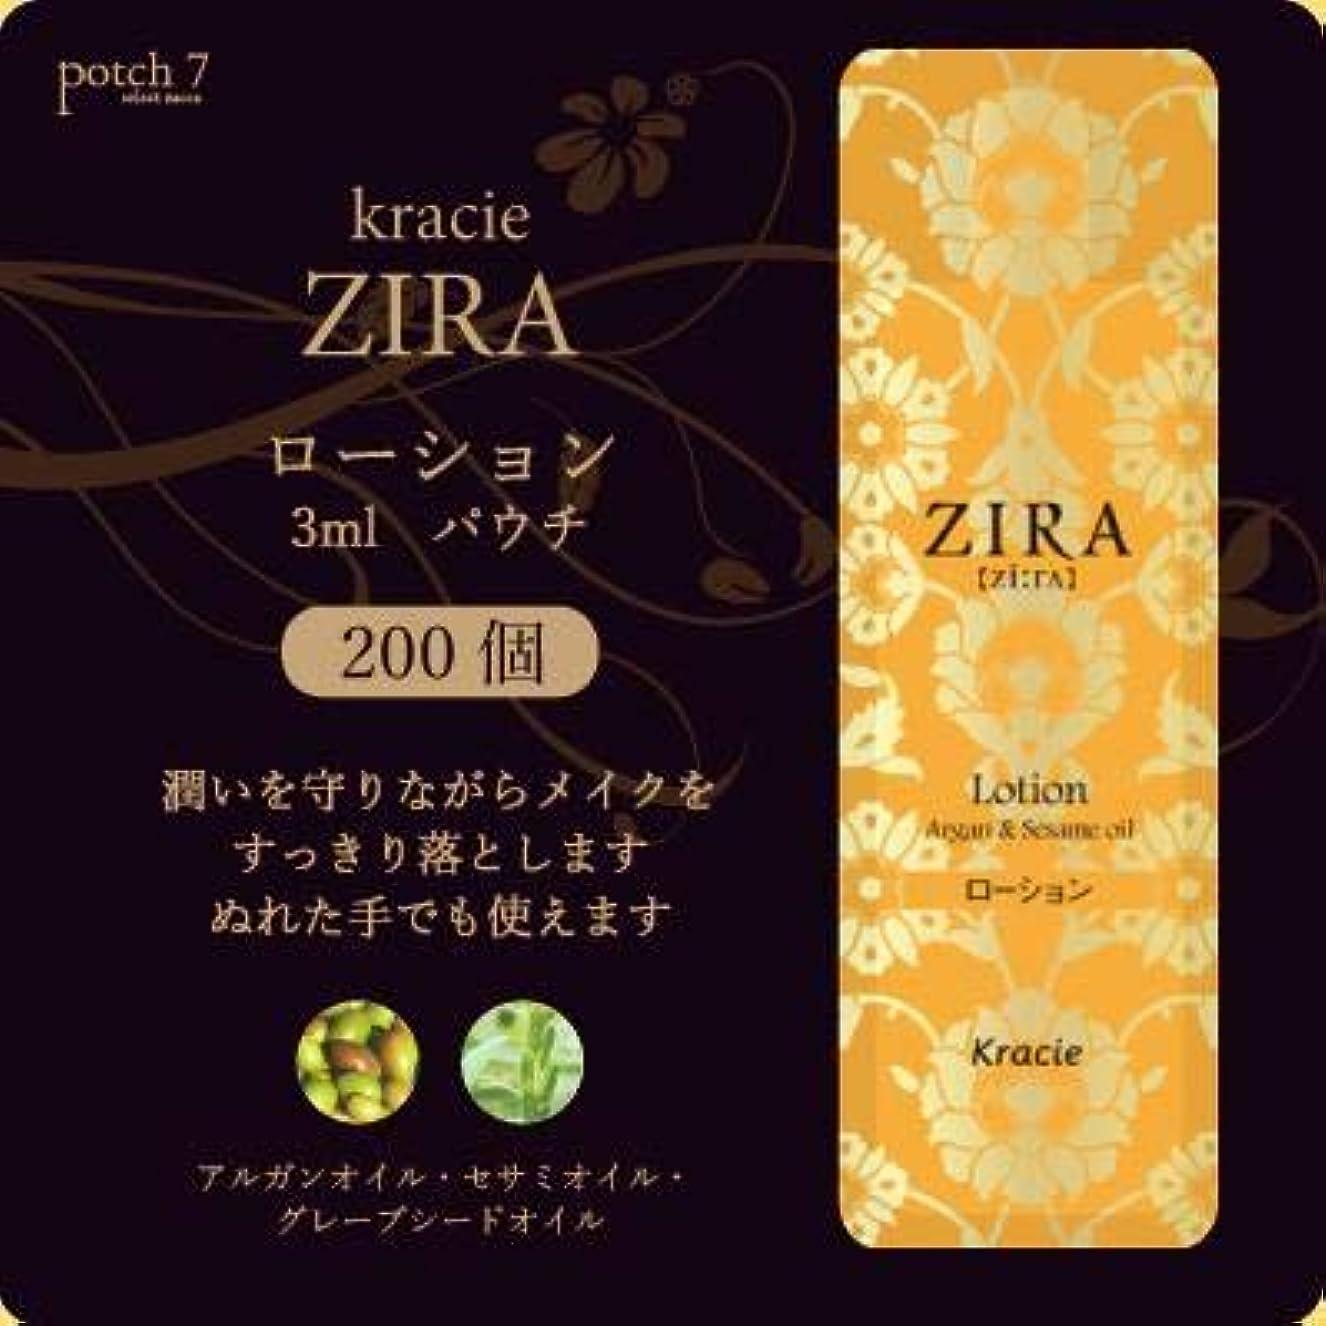 保護するバルーンごみKracie クラシエ ZIRA ジーラ ローション 化粧水 パウチ 3ml 200個入